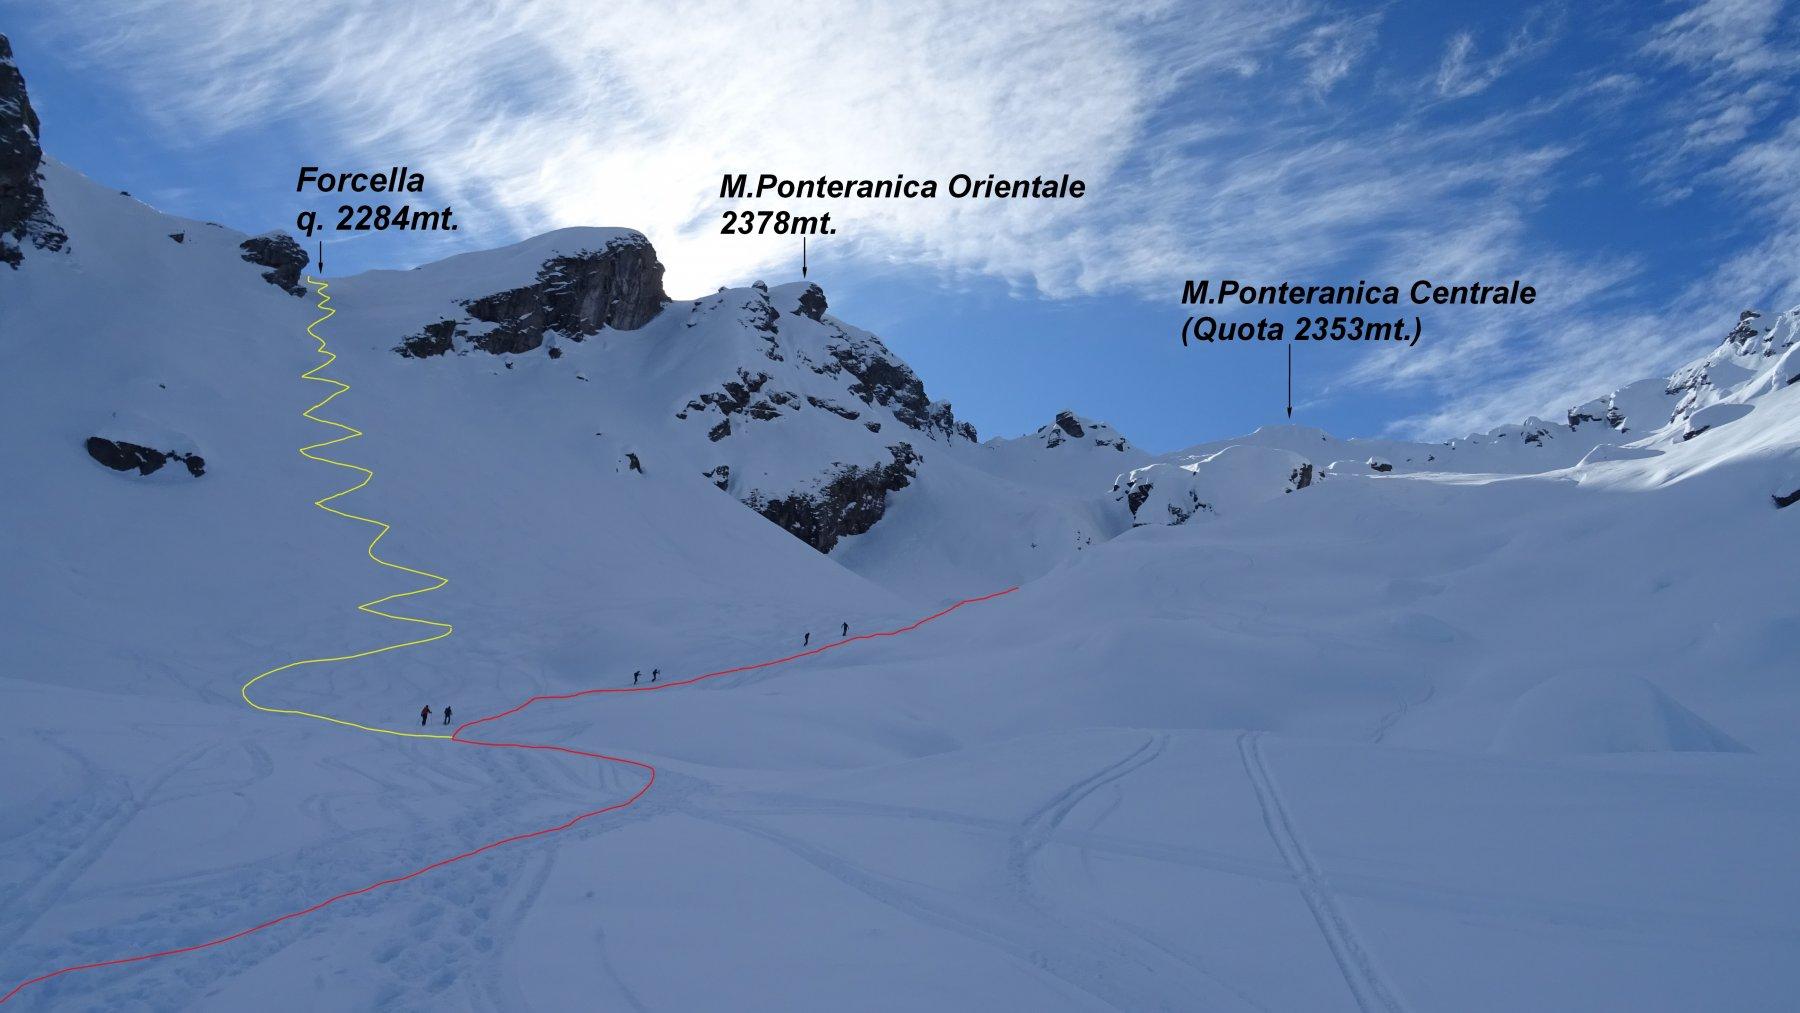 In rosso la traccia di salita al M.Ponteranica Centrale. In giallo la salita al colletto per il M.Ponteranica Orientale.